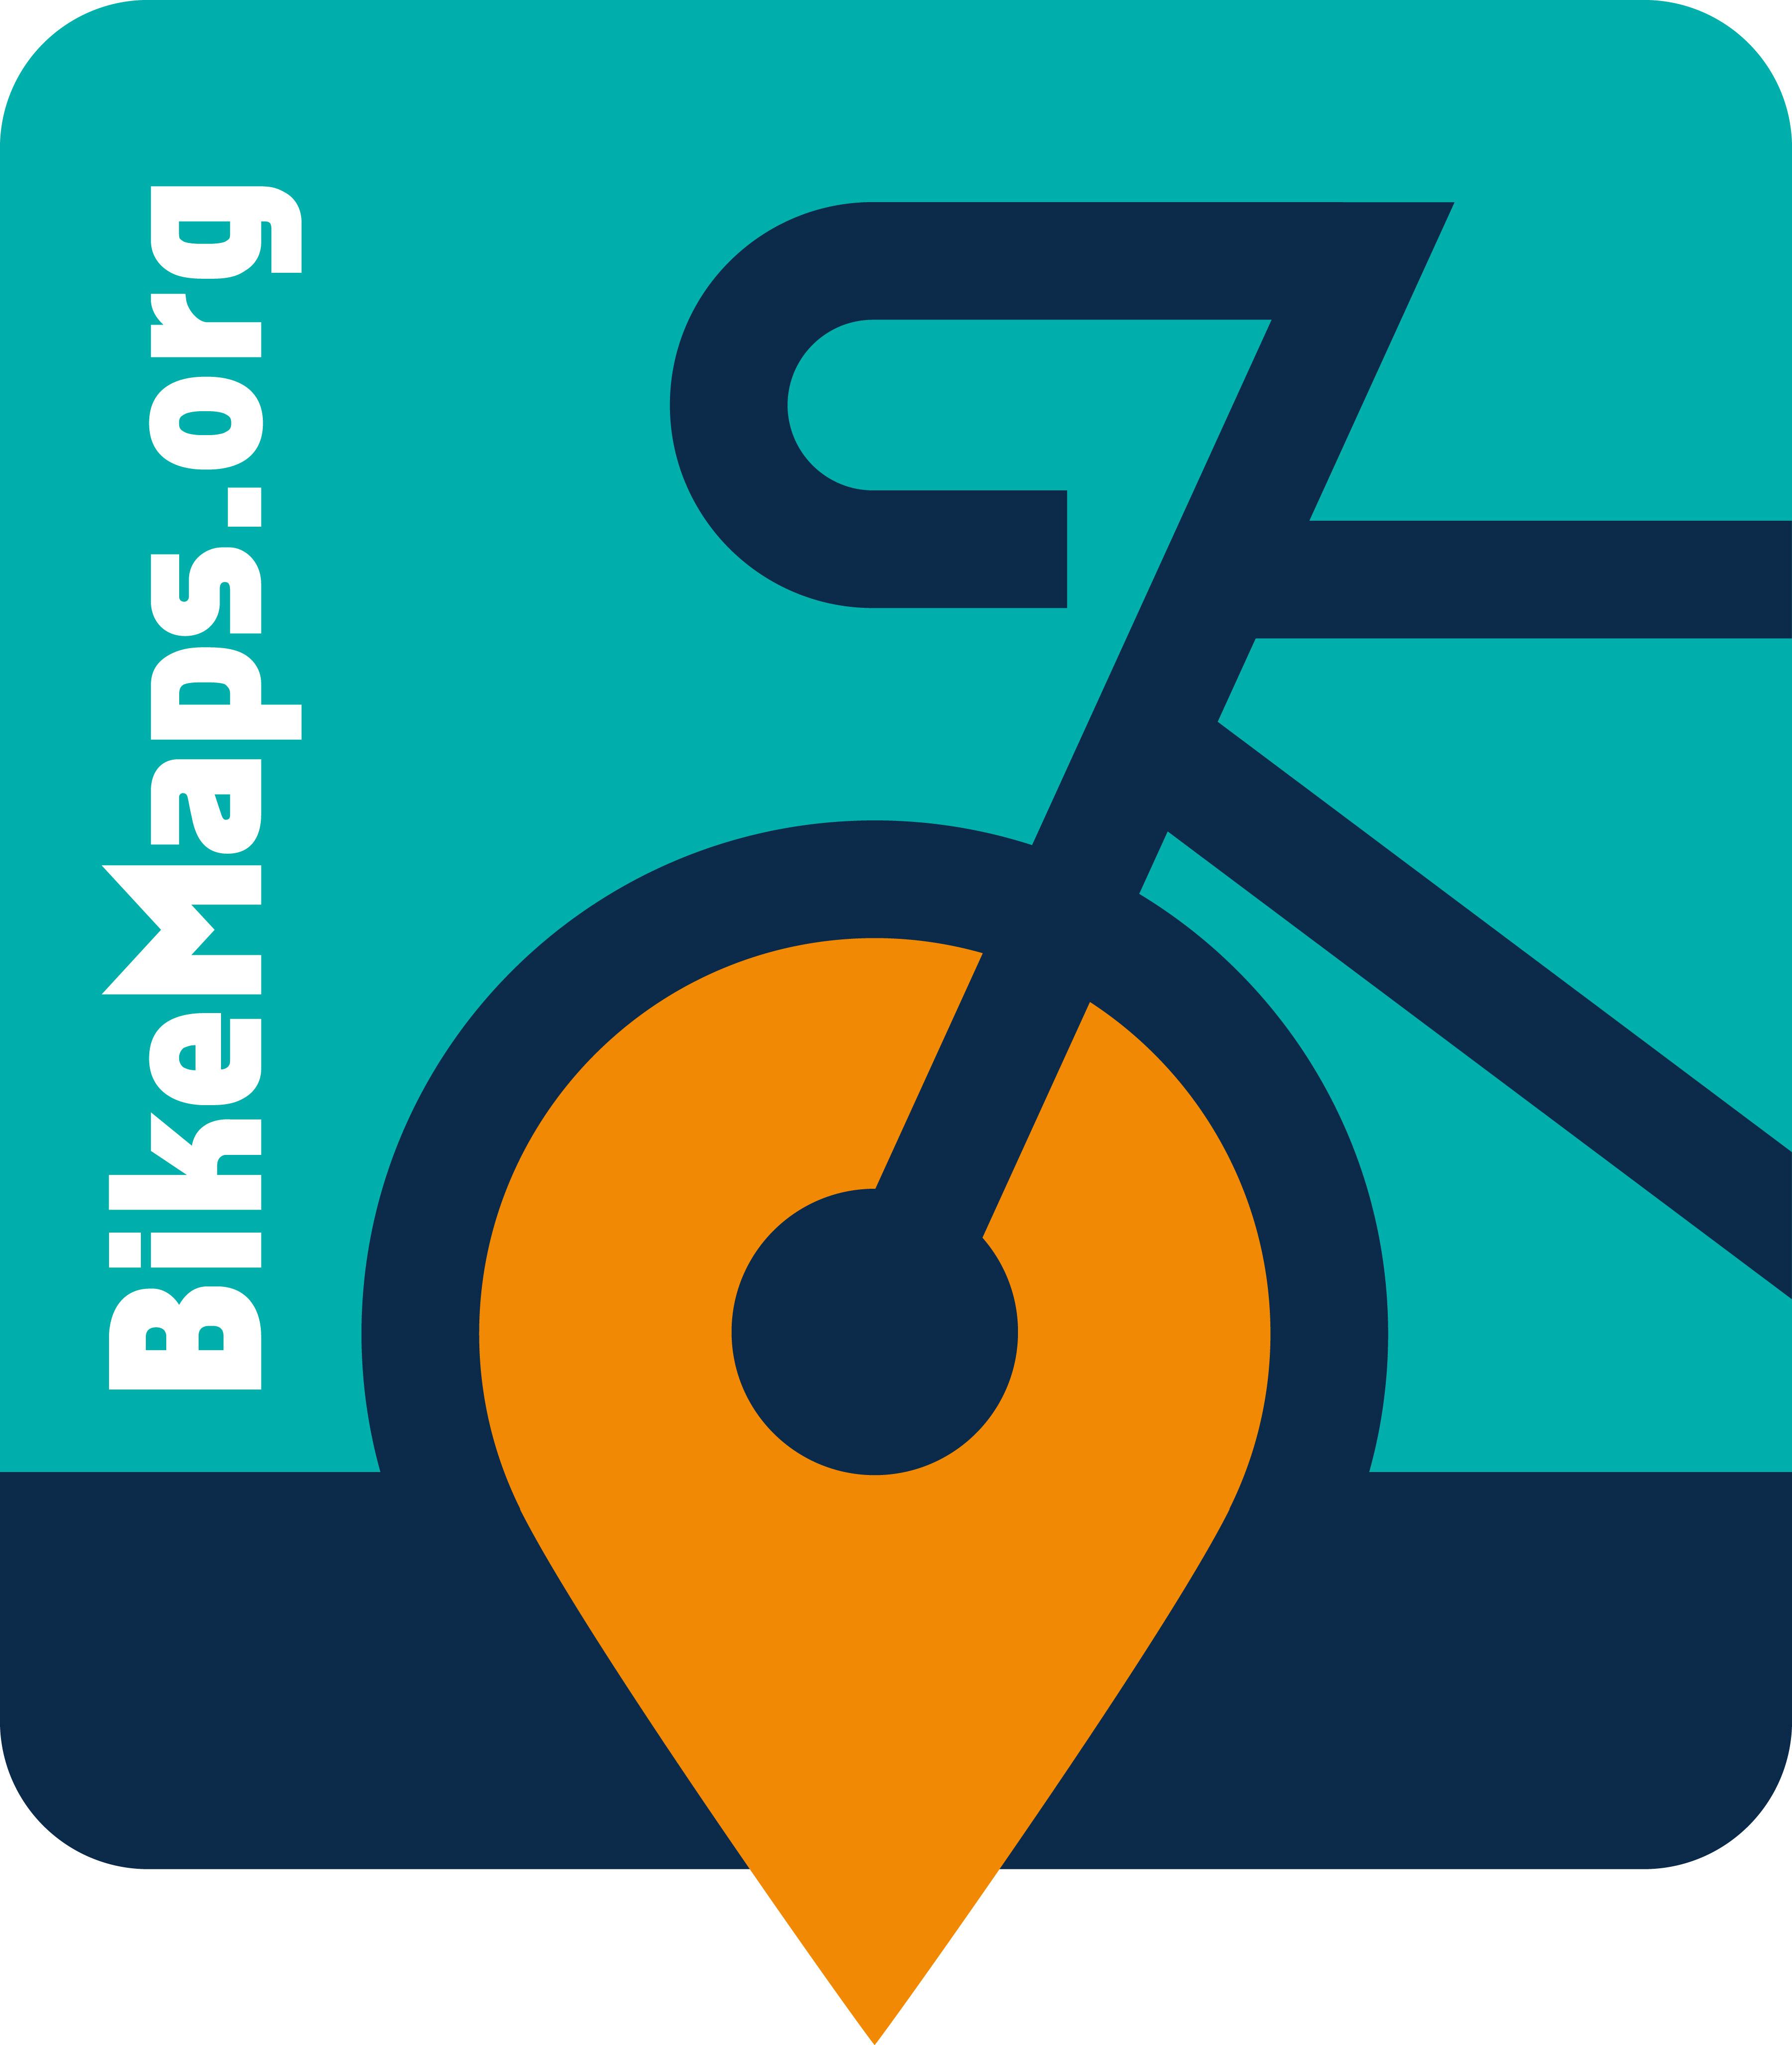 https://bikemaps.org/static/mapApp/images/BikeMapsORG_Logo.jpg